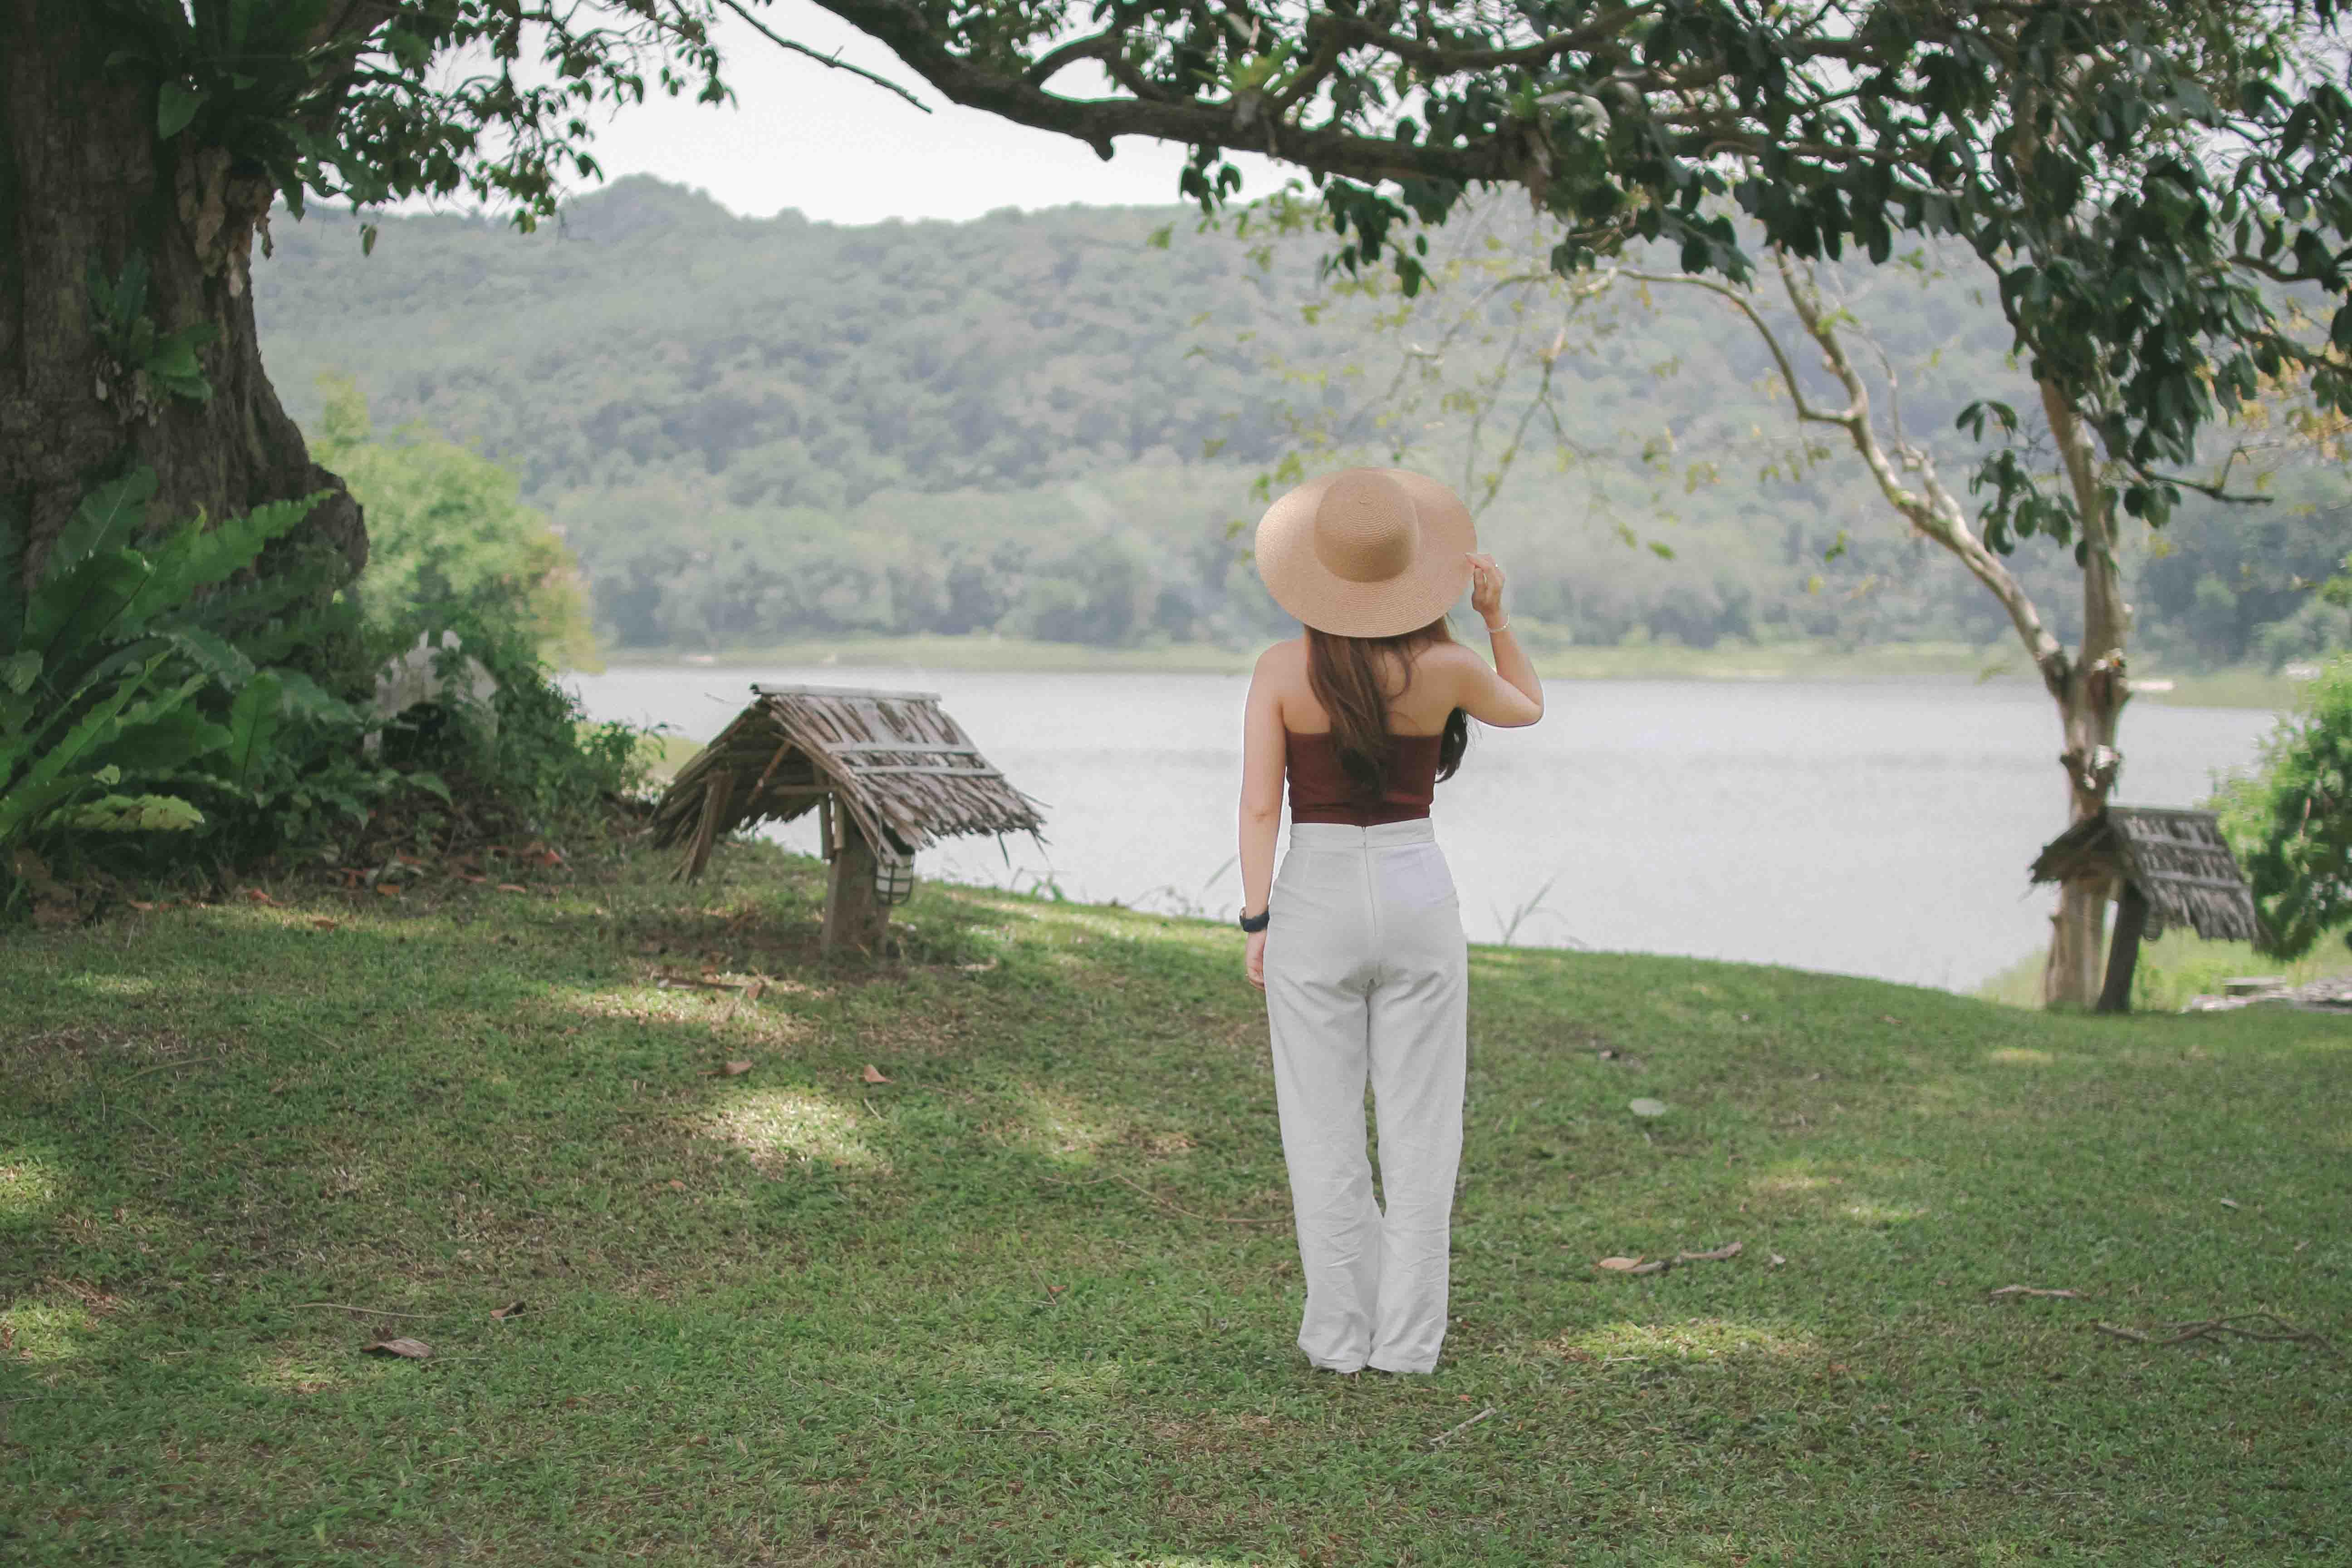 ทัปปาลา,สงขลา,ที่พักสงขลา,ธรรมชาติ